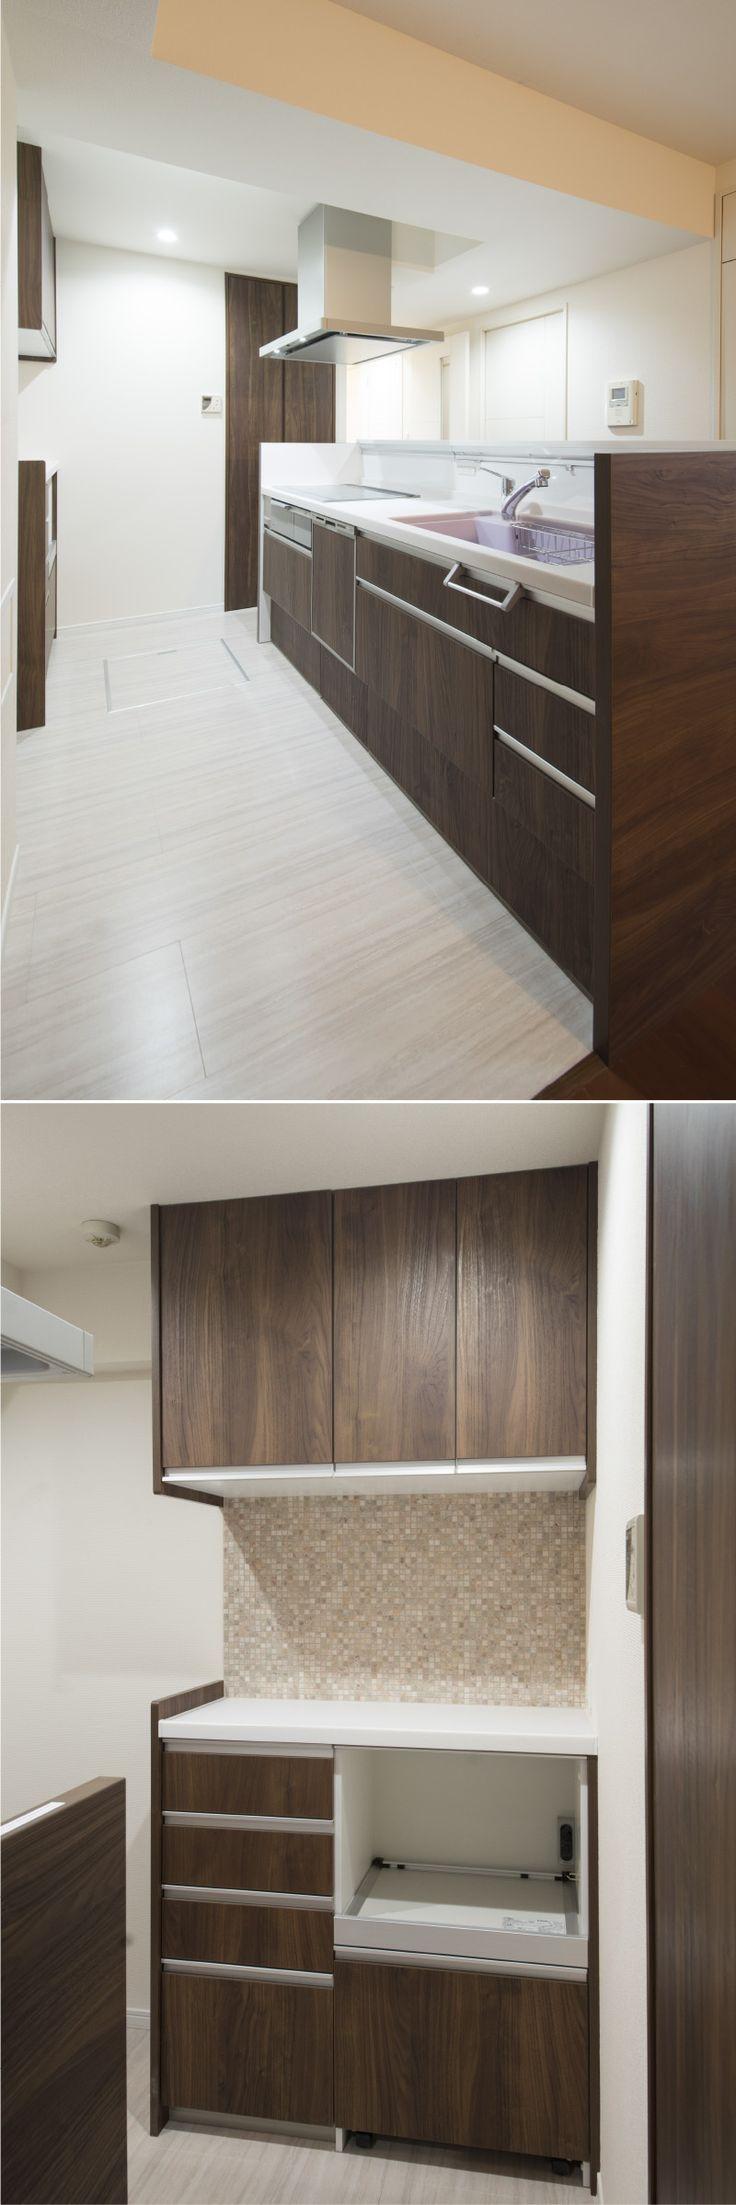 リフォームをして開放的なったキッチン。背面の大理石のタイルがシックな空間のアクセントになっています。|キッチン|リフォーム|カウンター|タイル|モダン|壁面収納|ウッド|